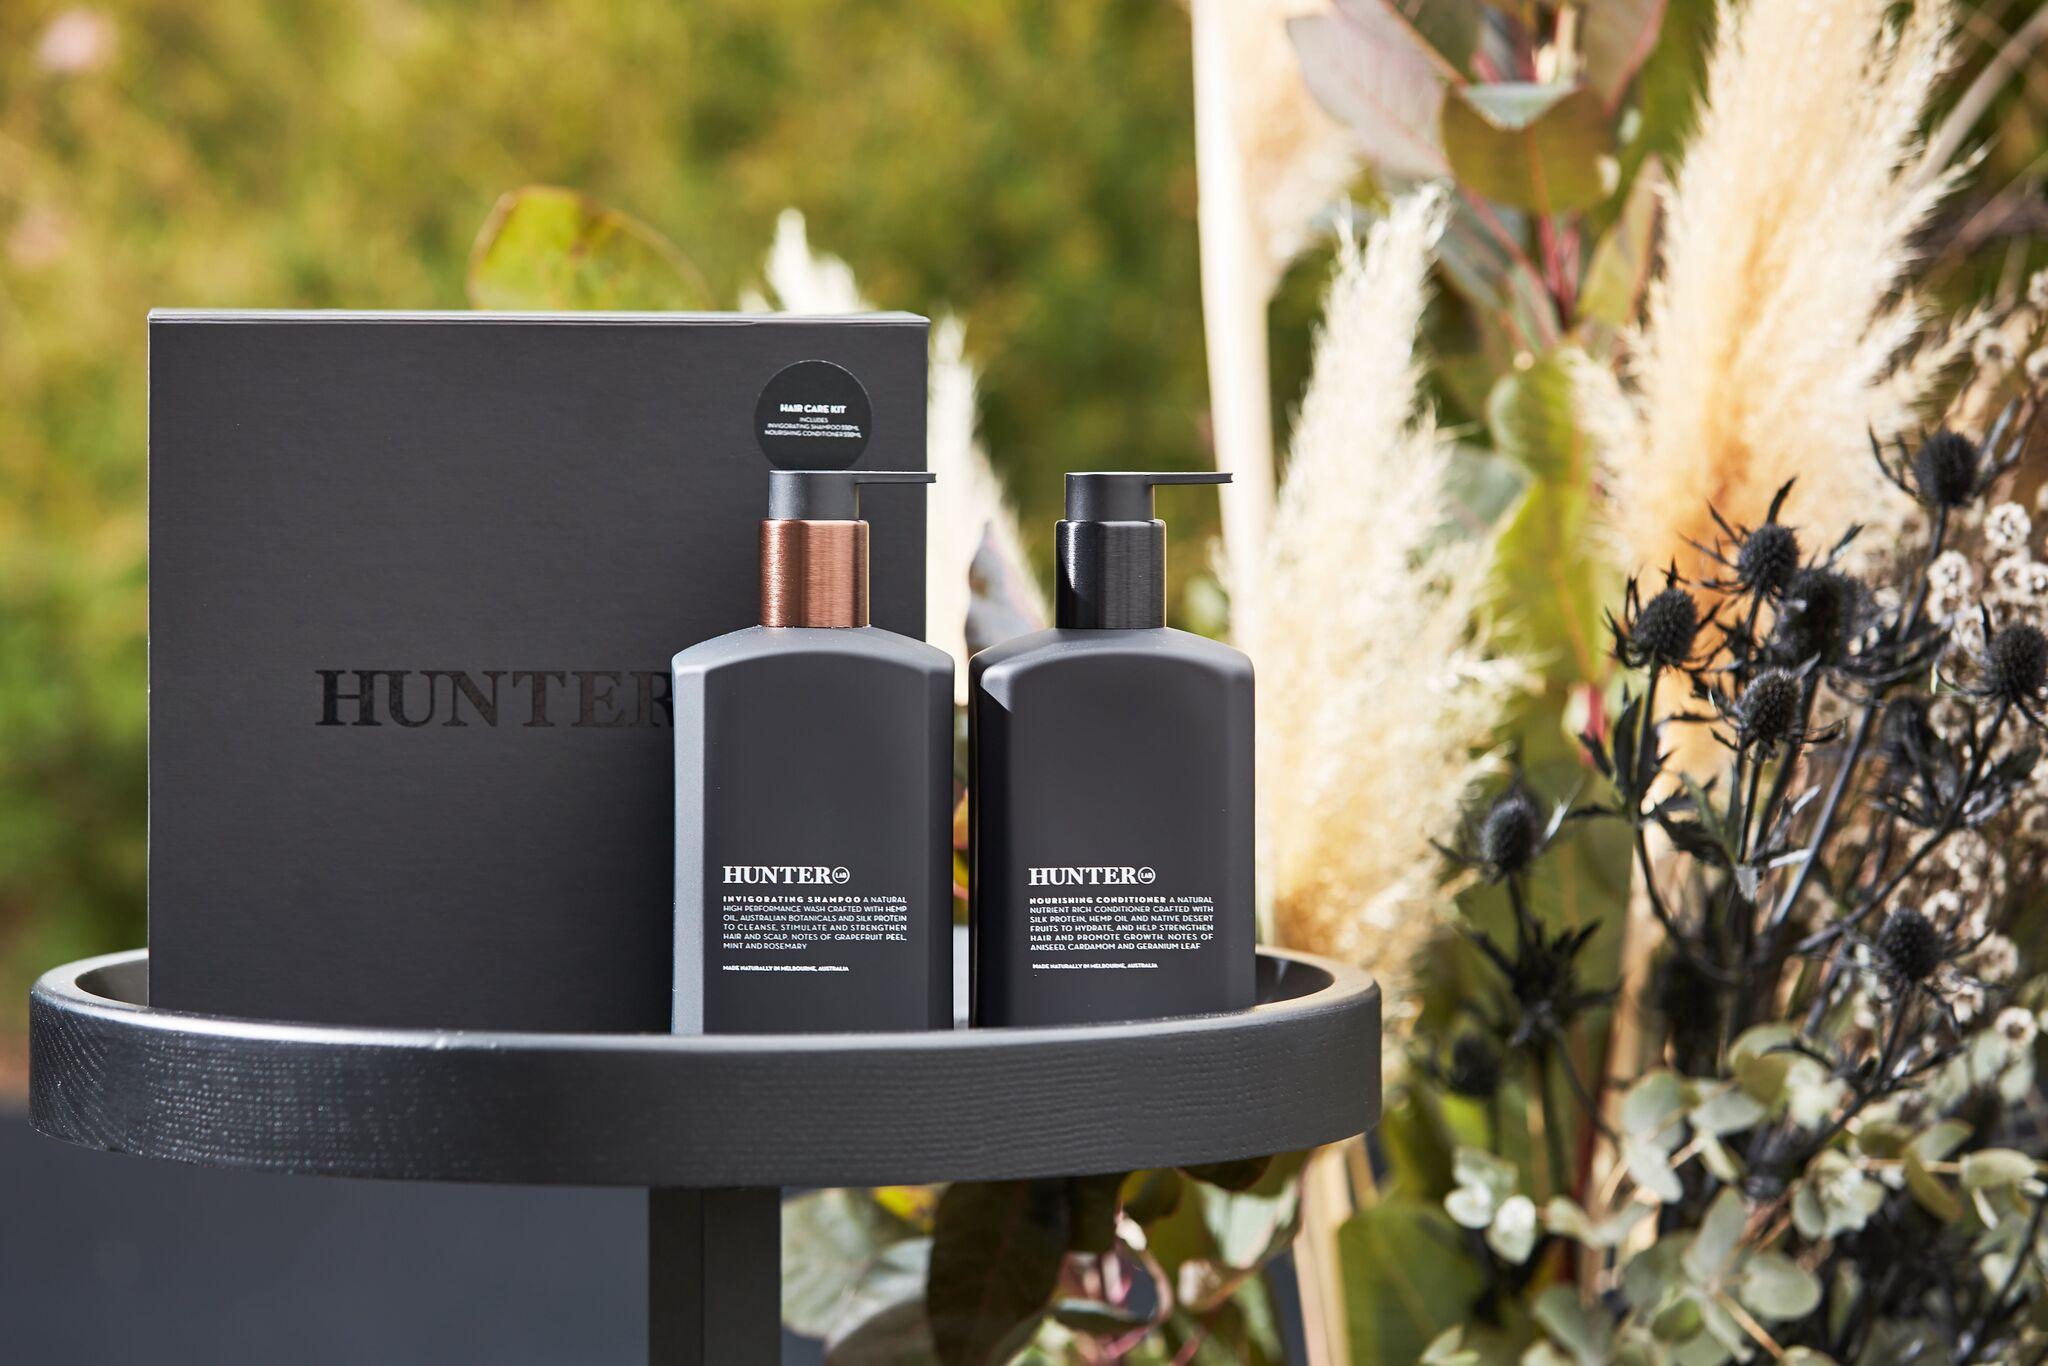 维珍航空VIP专用,与奔驰合作的澳洲高端天然护肤品牌Hunter Lab到底有多好用?